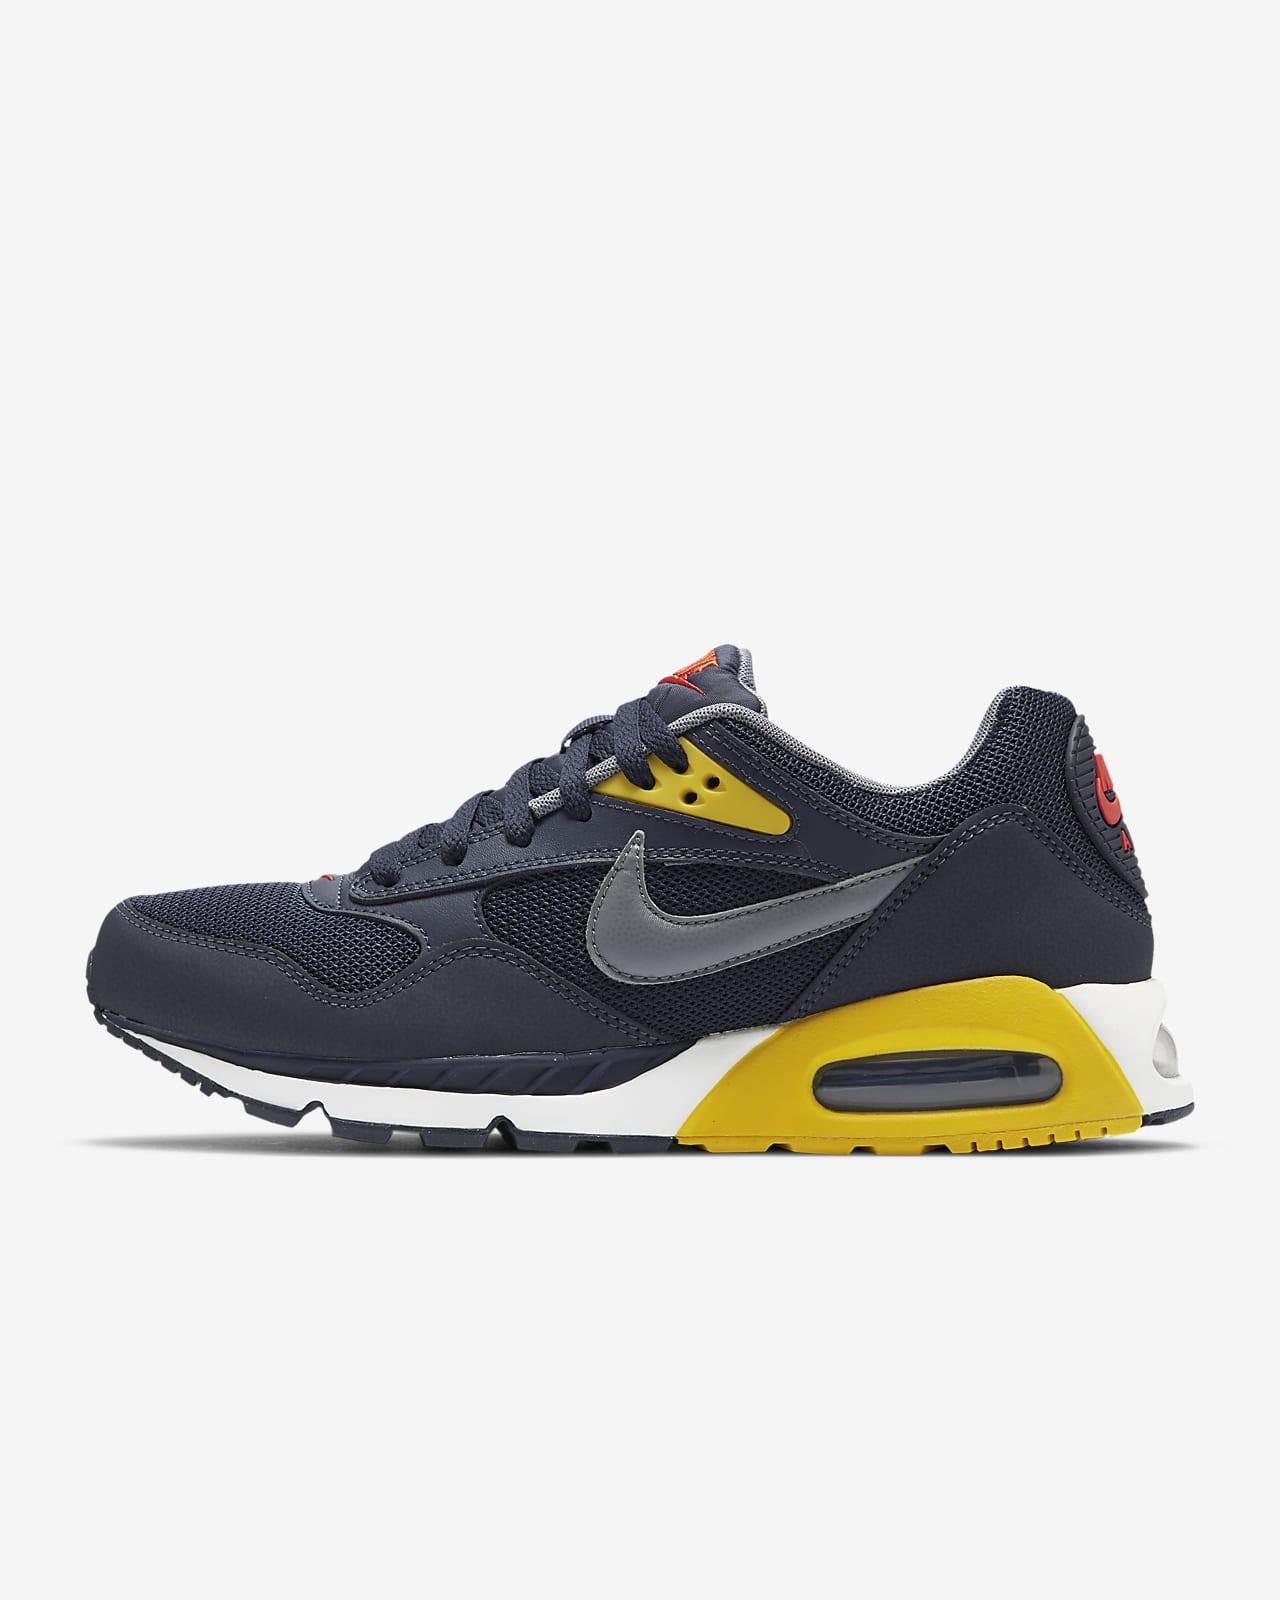 Nike Air Max Correlate 男子运动鞋